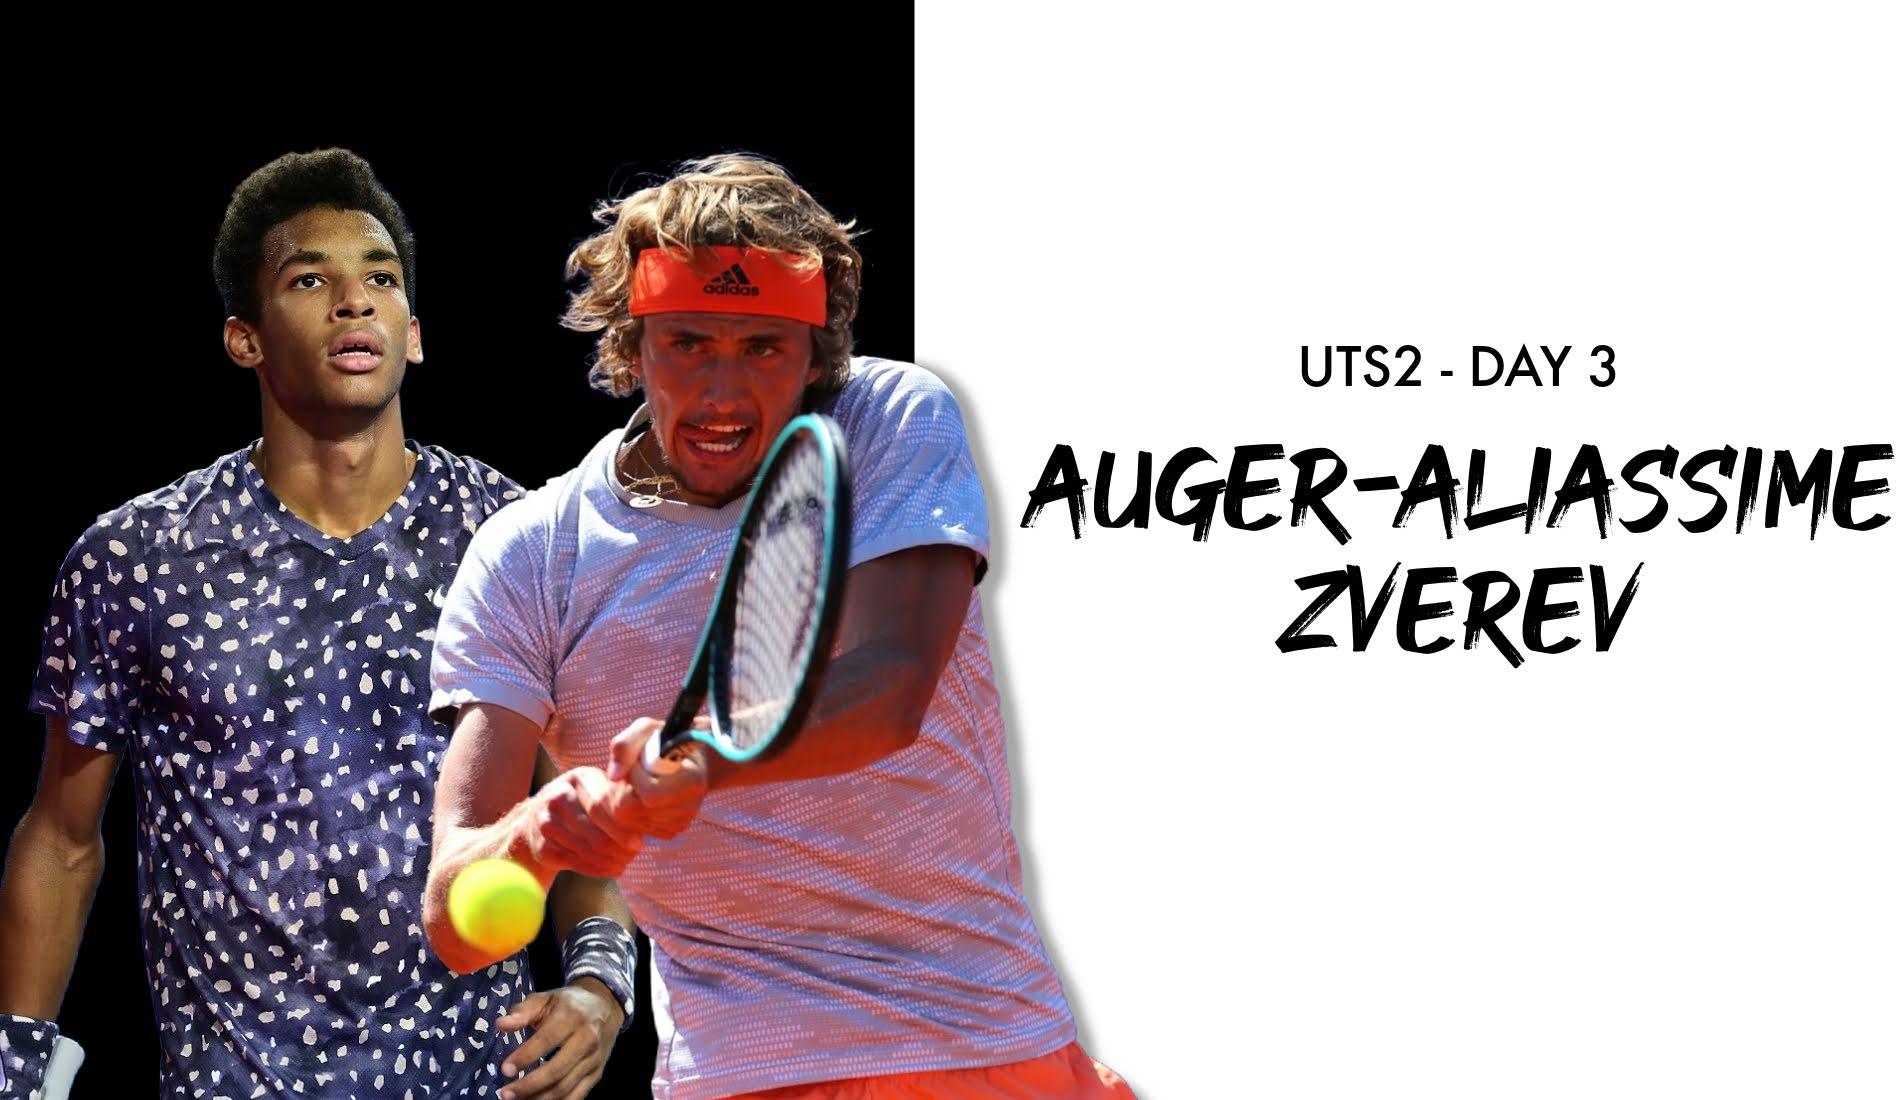 UTS2 - Day 3: Felix Auger-Aliassime vs Alexander Zverev